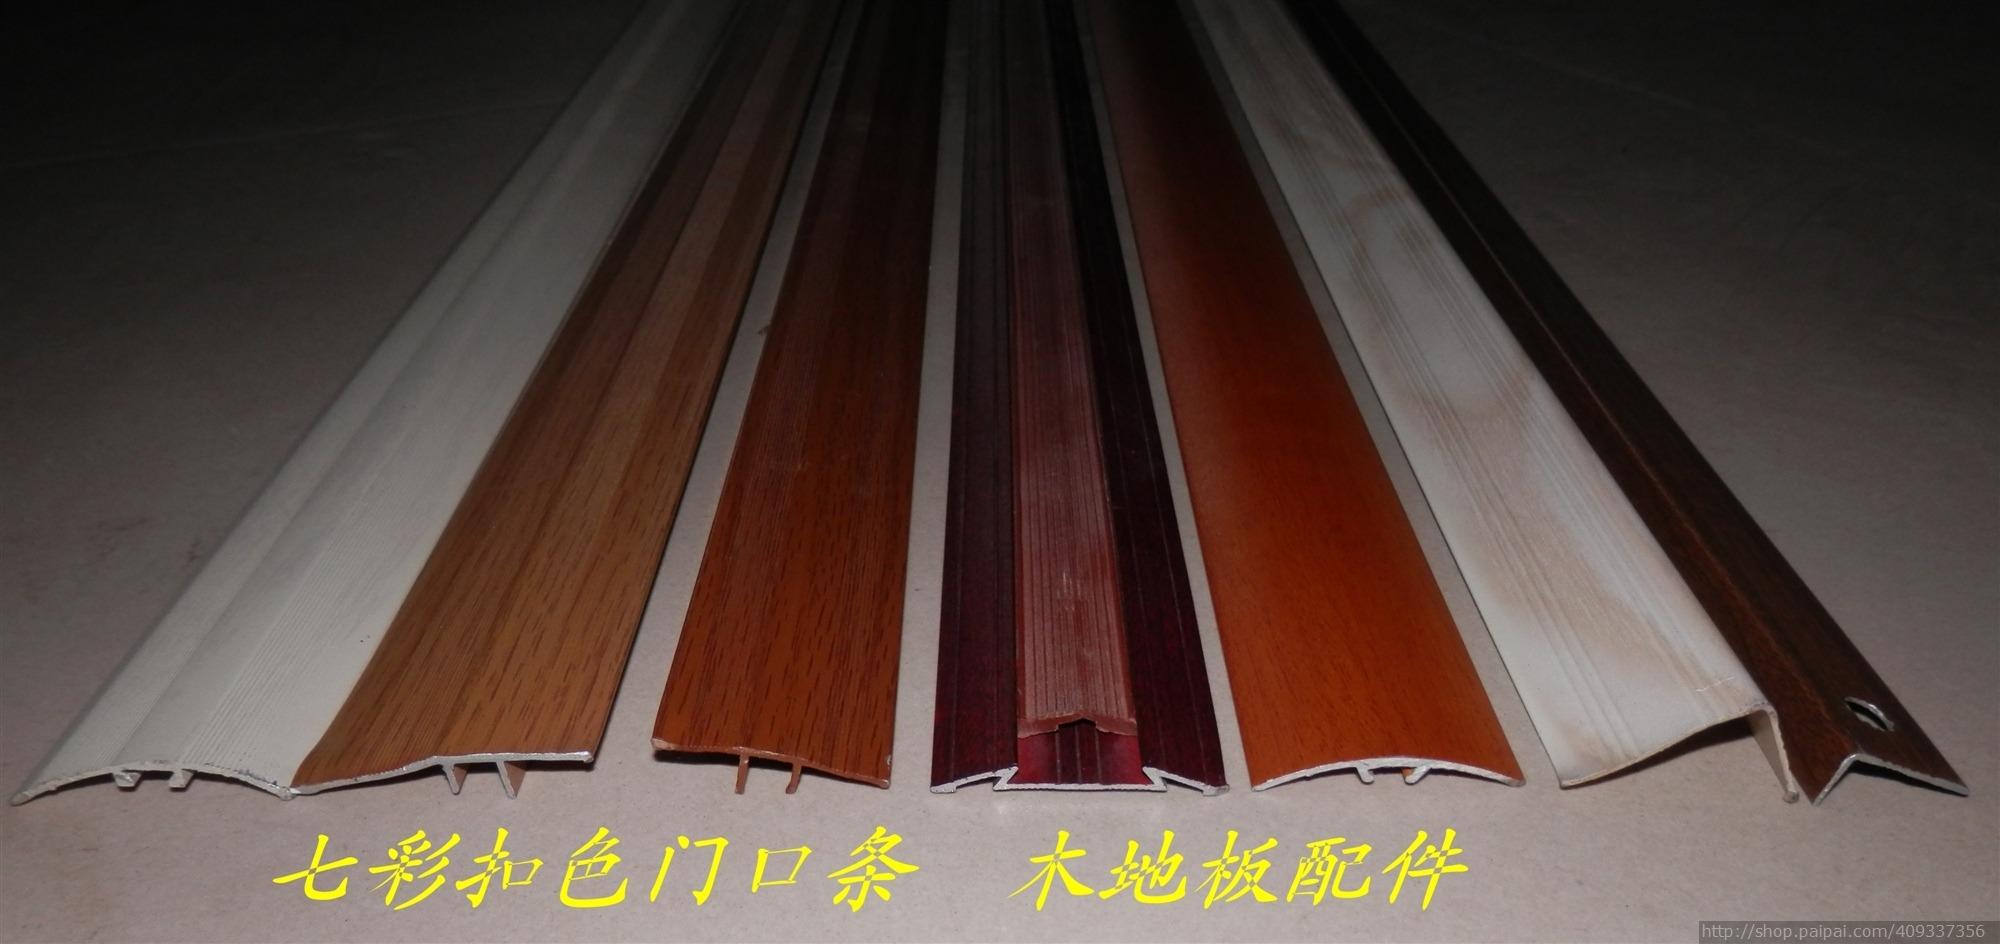 七彩色新款直角金属门口条木地板单元连接条家装安装主材实用美观